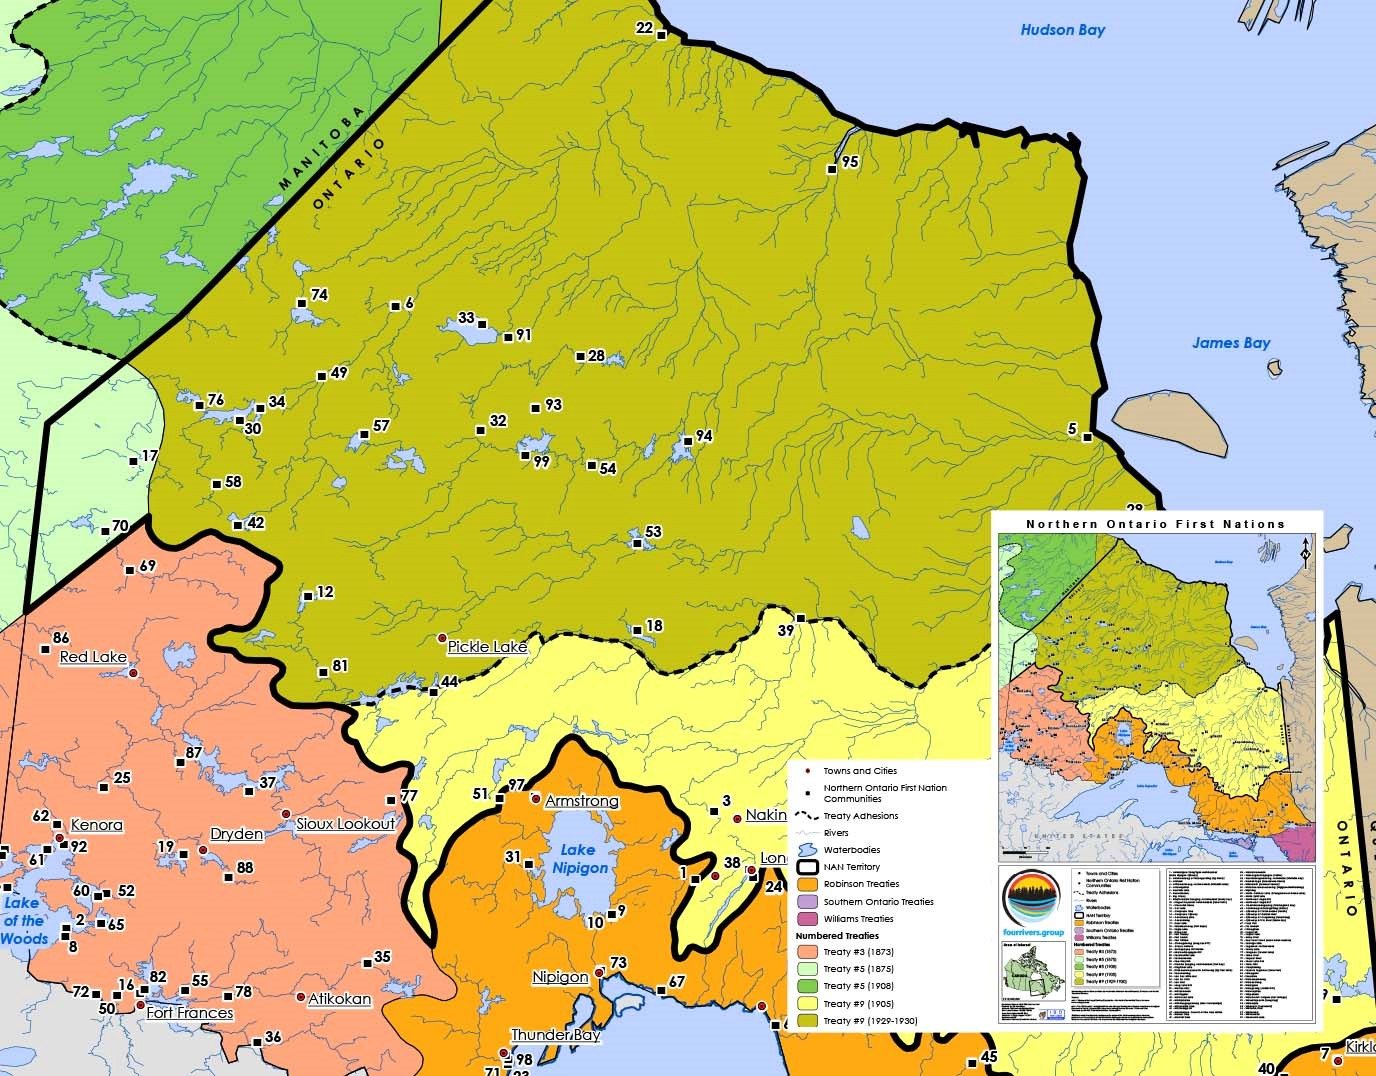 Copie de la carte du mois de juin dans le calendrier 2018 d'Esri Canada, intitulée « Premières Nations du Nord de l'Ontario », par Four Rivers (groupe de services du conseil de Premières Nations Matawa). Cette carte illustre les communautés des Premières Nations du nord de l'Ontario et les traités qui sont associés à chacune d'elle. Dans l'image, on peut voir des parties du Traité no 3, du Traité no 5, du Traité no 6, du Traité no 9 (1905), du Traité no 9 (1929-1930), des Traités Williams, des Traités Robinson et des Traités du Sud de l'Ontario.